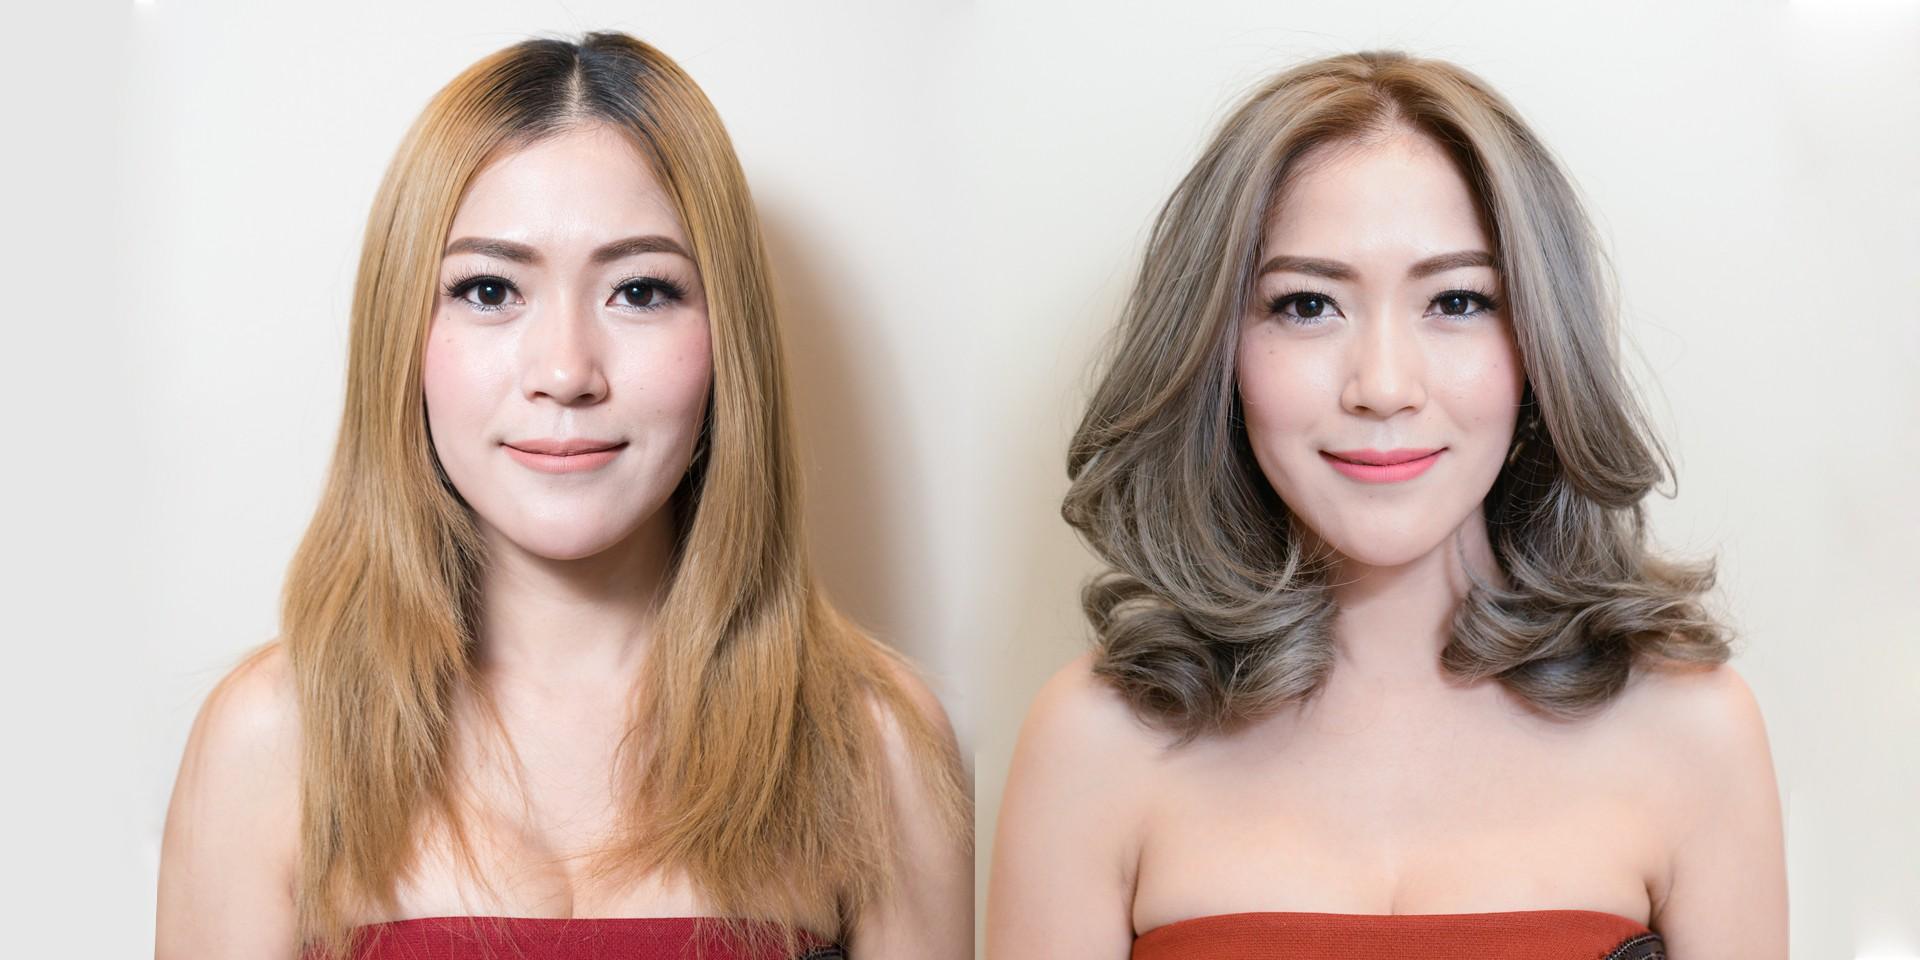 ชวนไปทำผมสี Ash Brown เพิ่มลุคสวยหรูที่ The Hair Care Professional